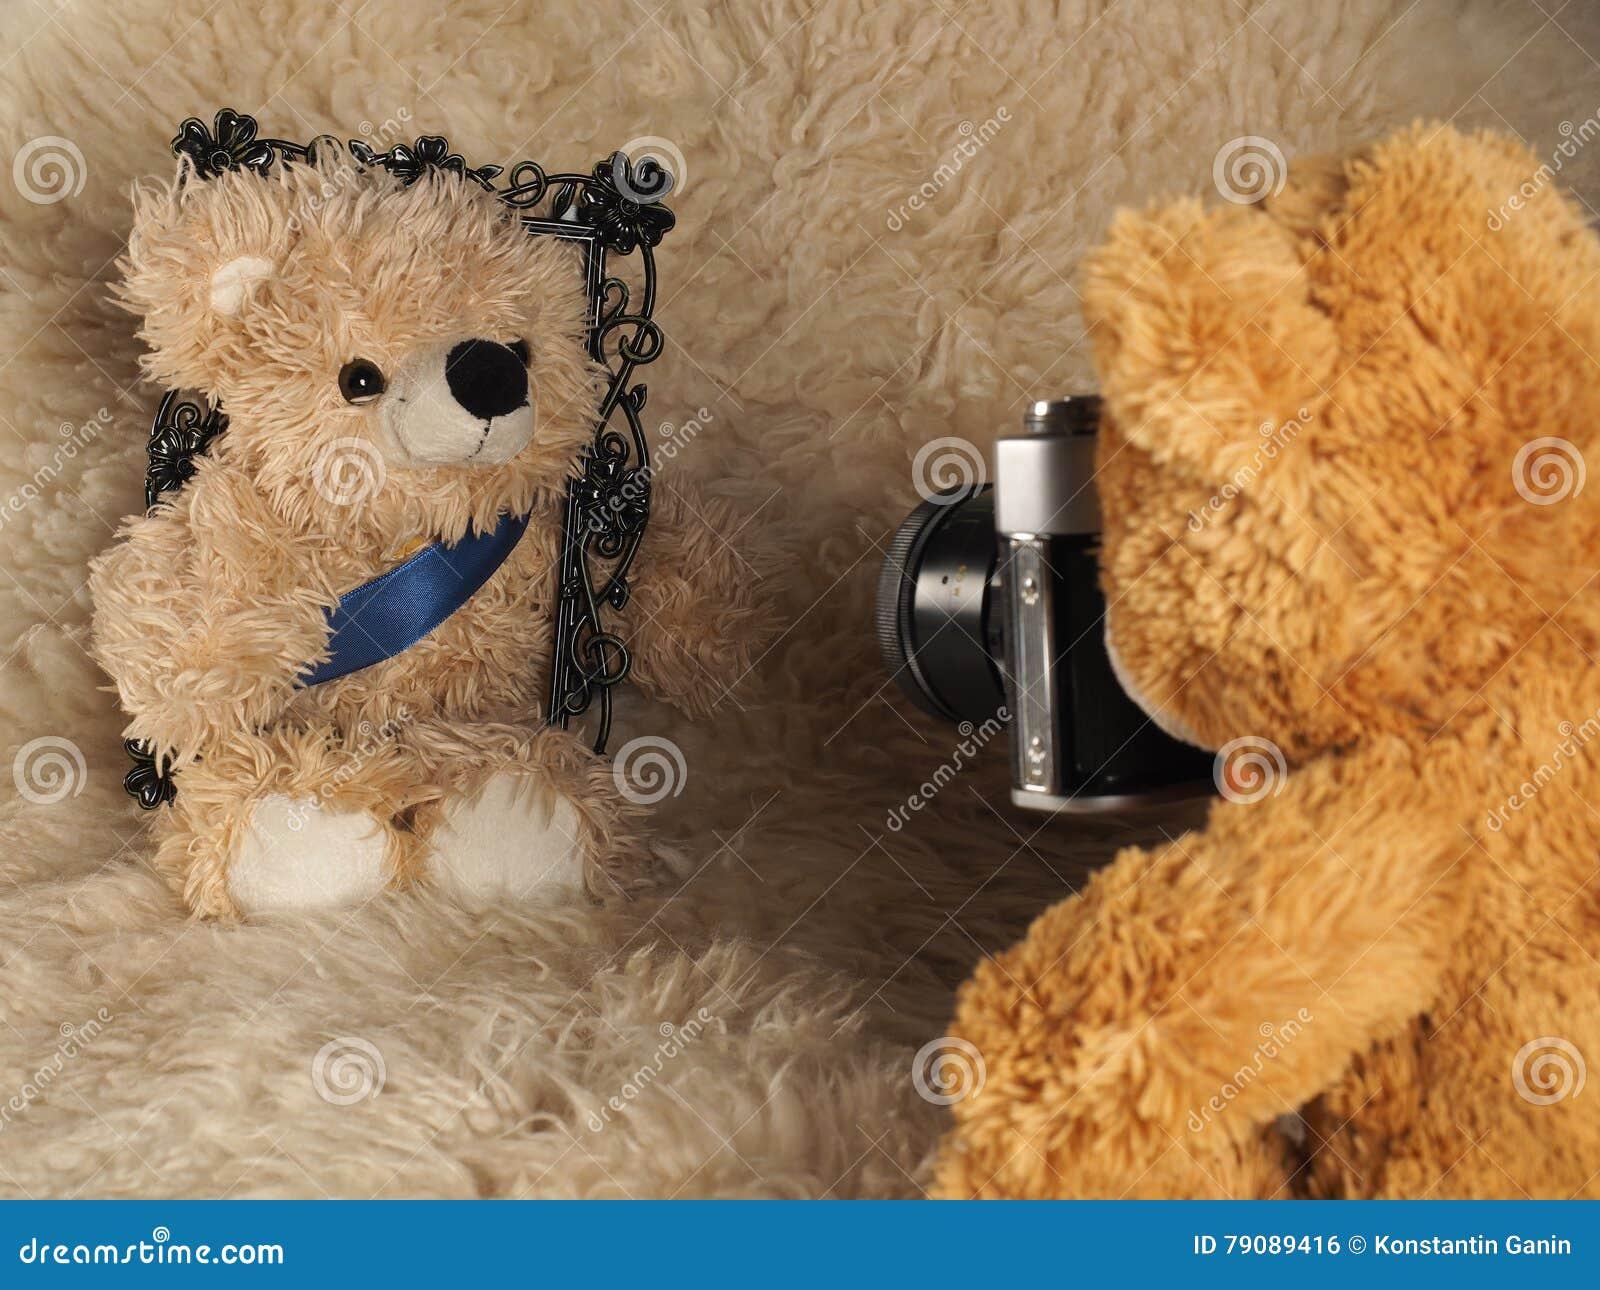 La sesión fotográfica del oso